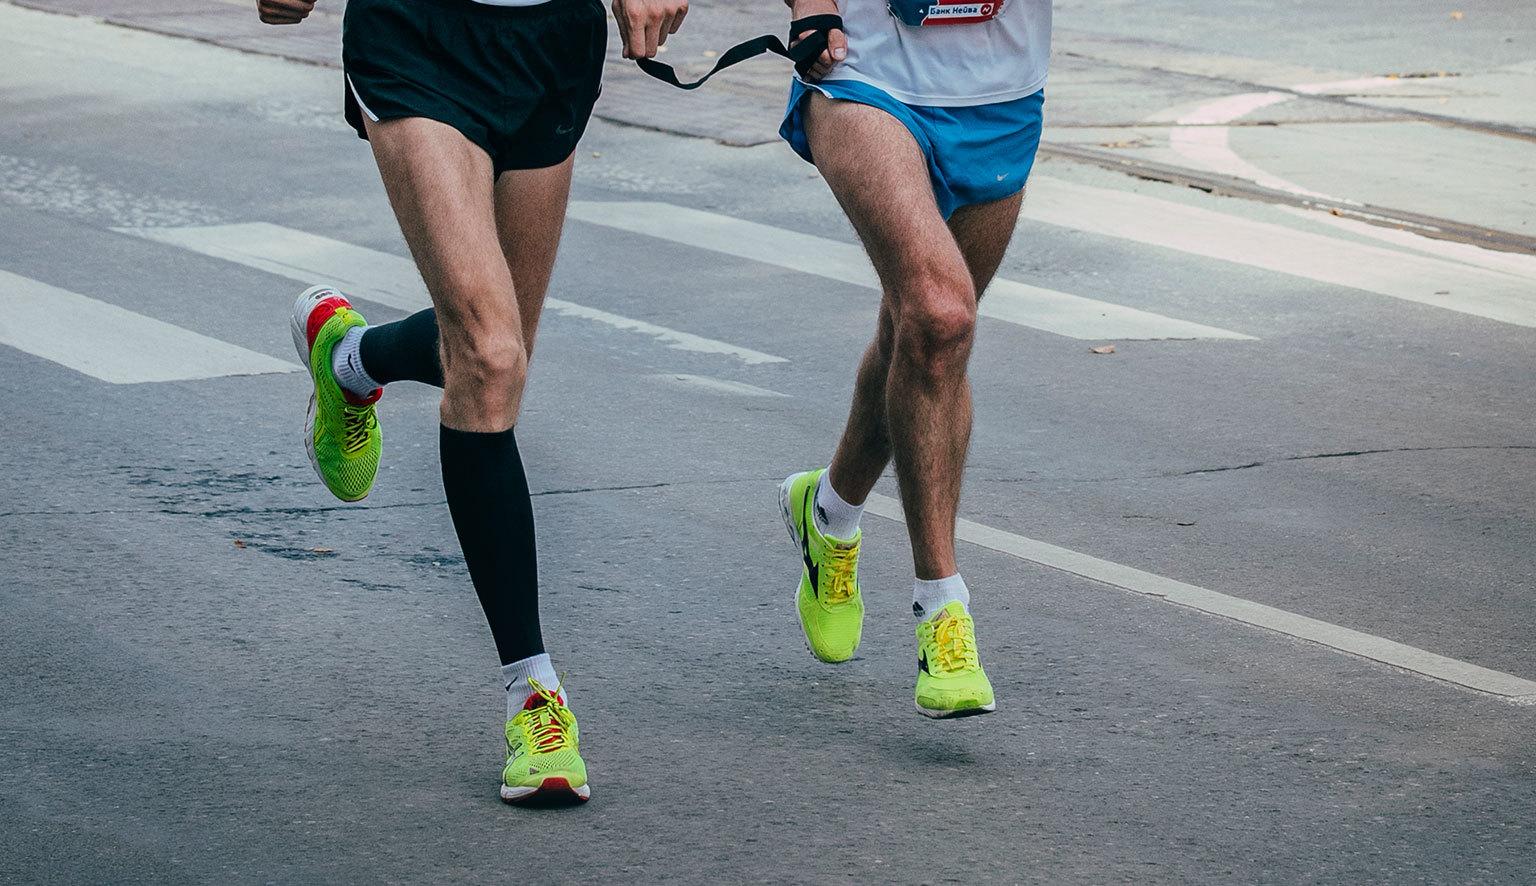 信任之繩牽起視障跑者與陪跑員